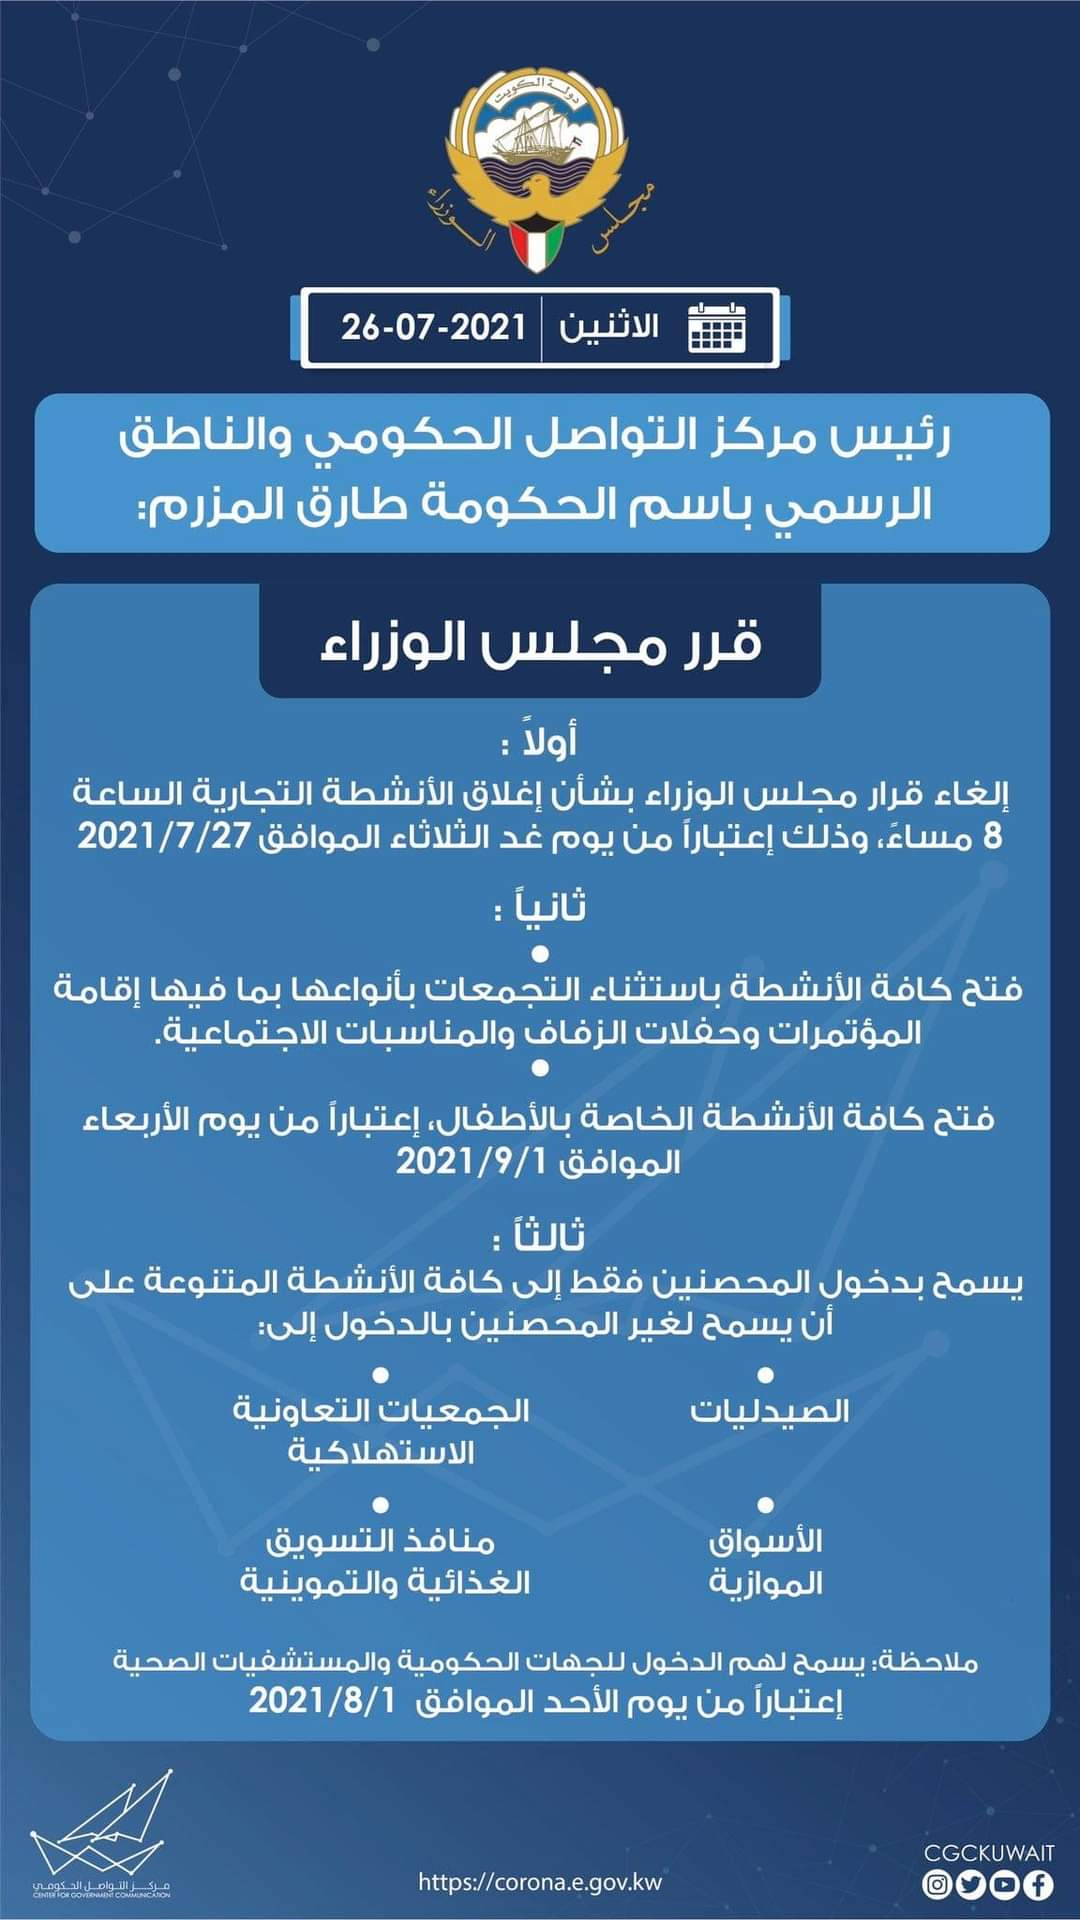 FB IMG 1627322745349 - أبرز قرارات #مجلس_الوزراء في جلسته المنعقدة اليوم.    #العبدلي_نيوز